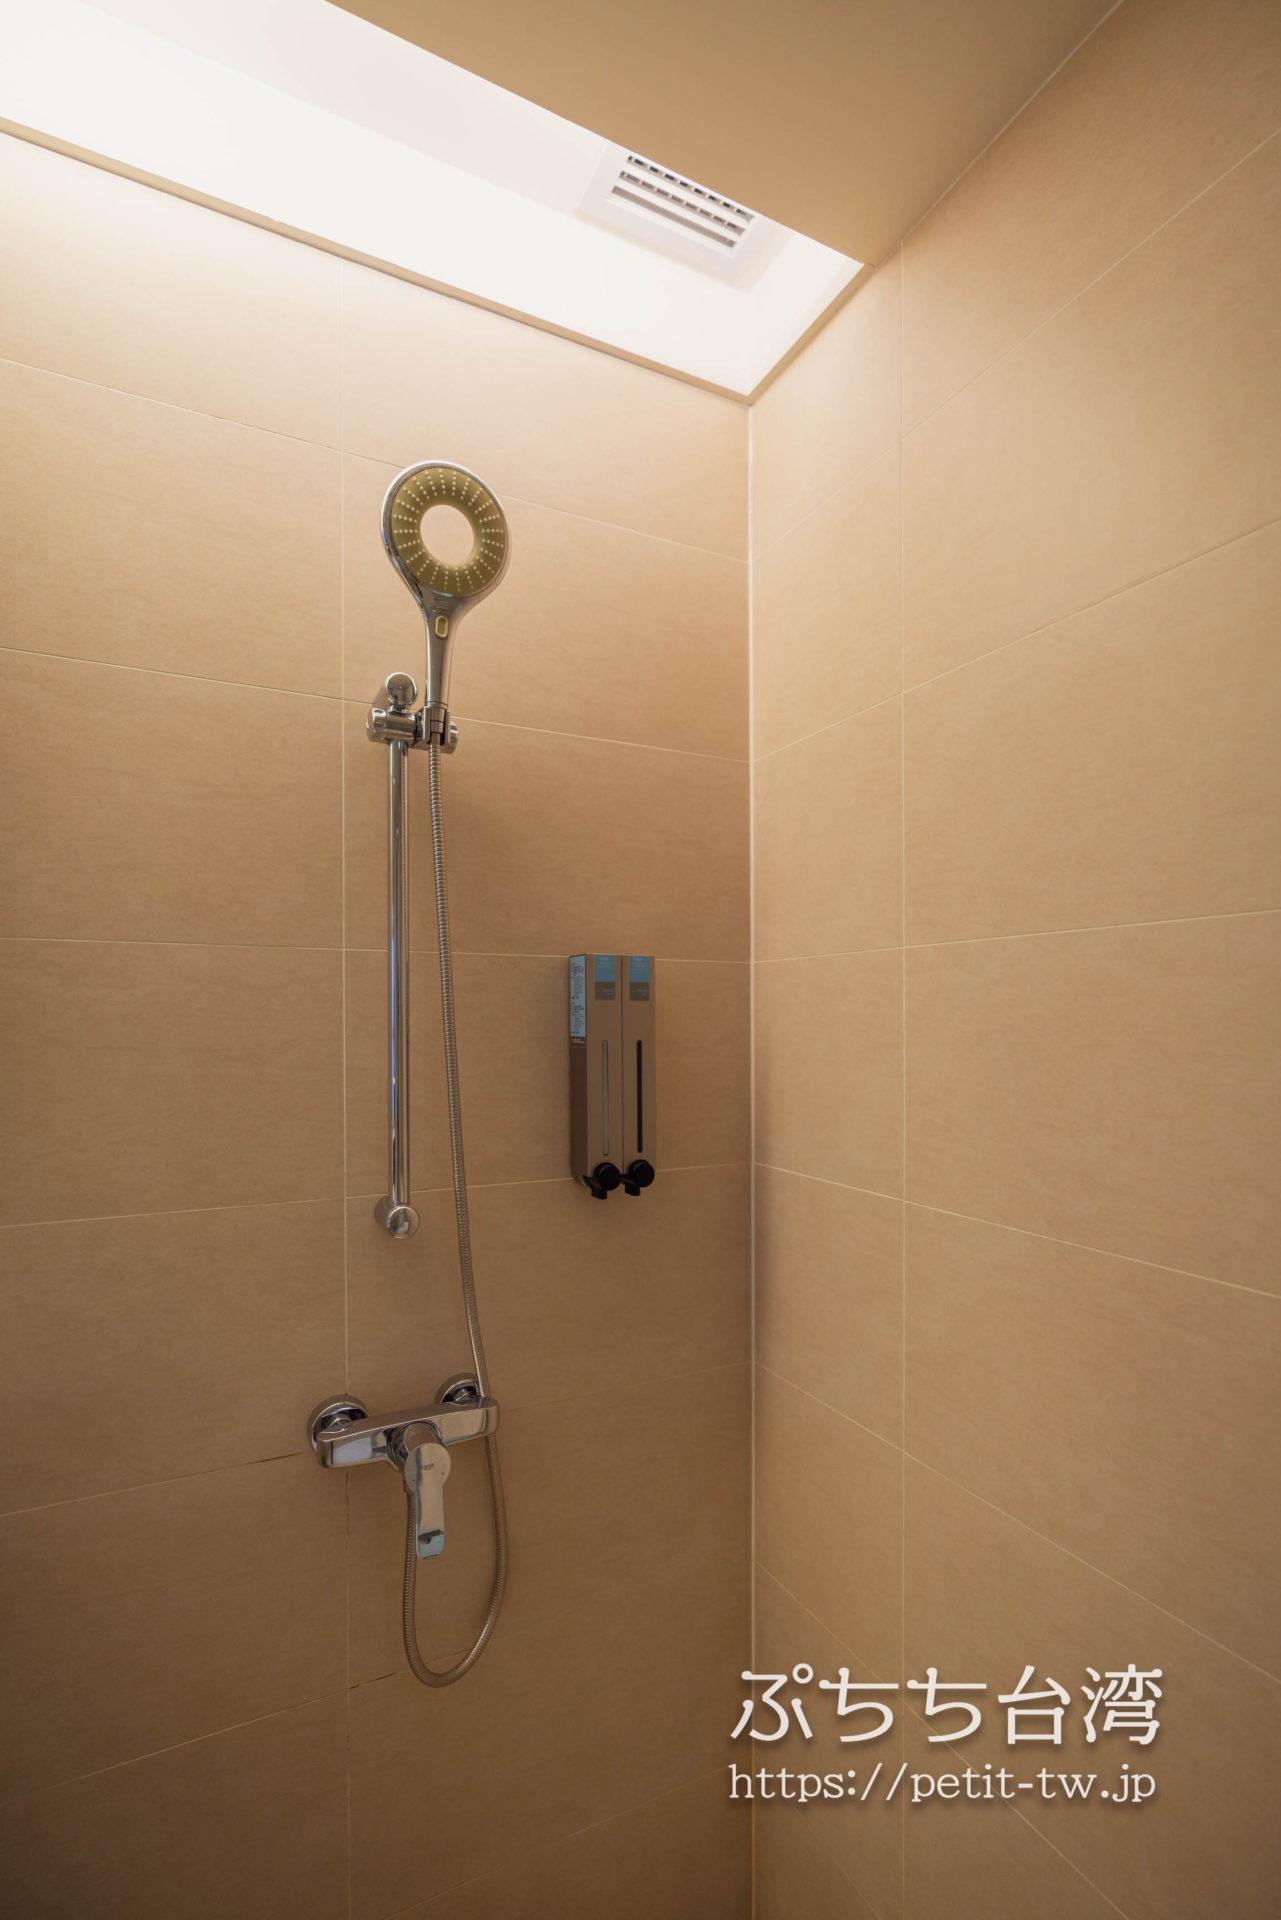 ジャストスリープ高雄駅前館のバスルーム